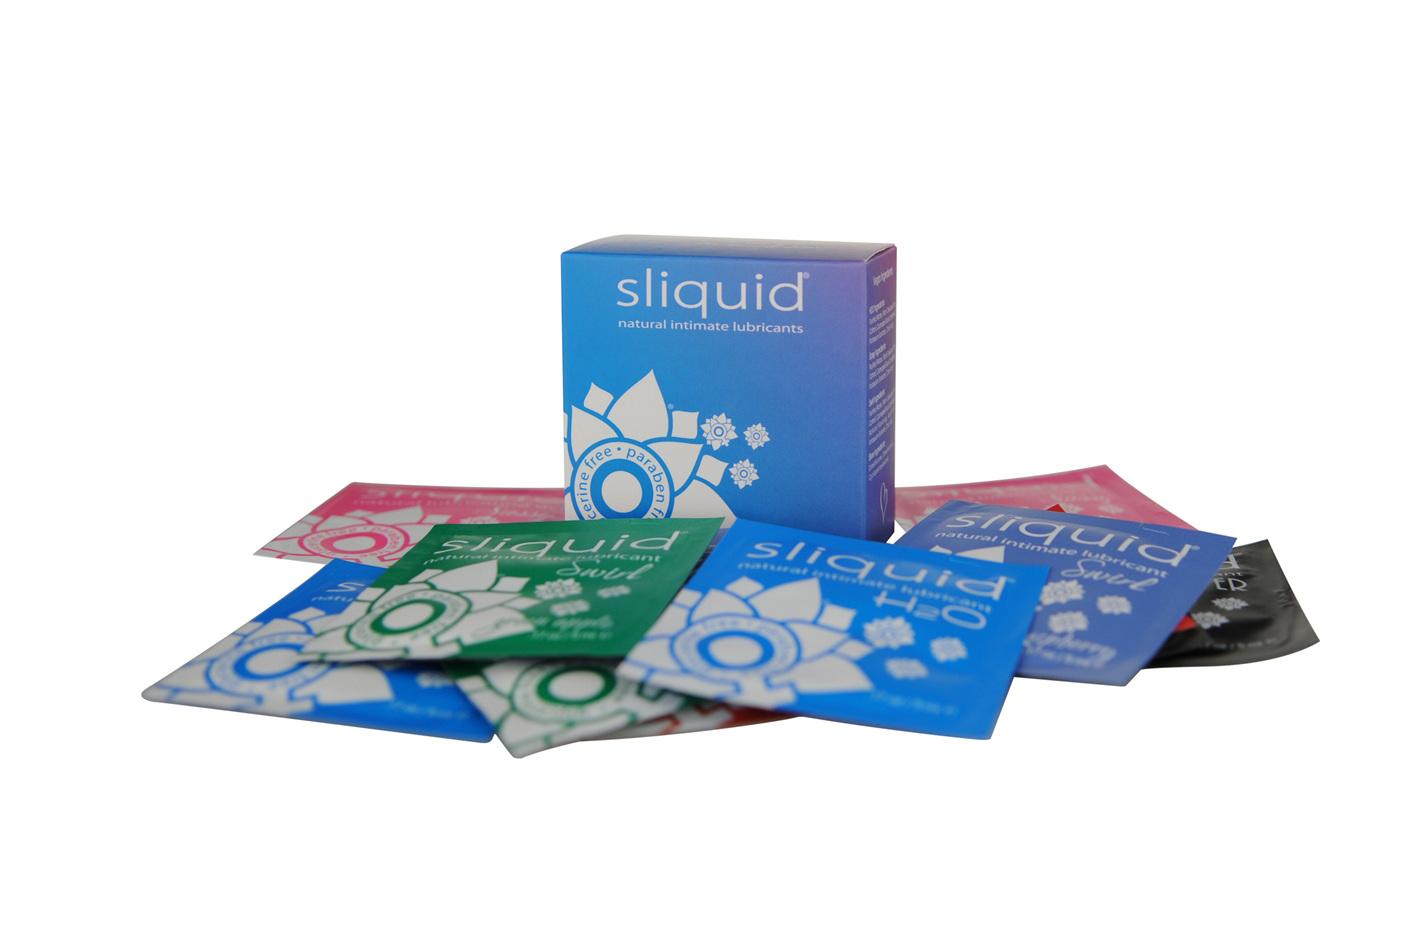 Sliquid Naturals Lube Cube - $25